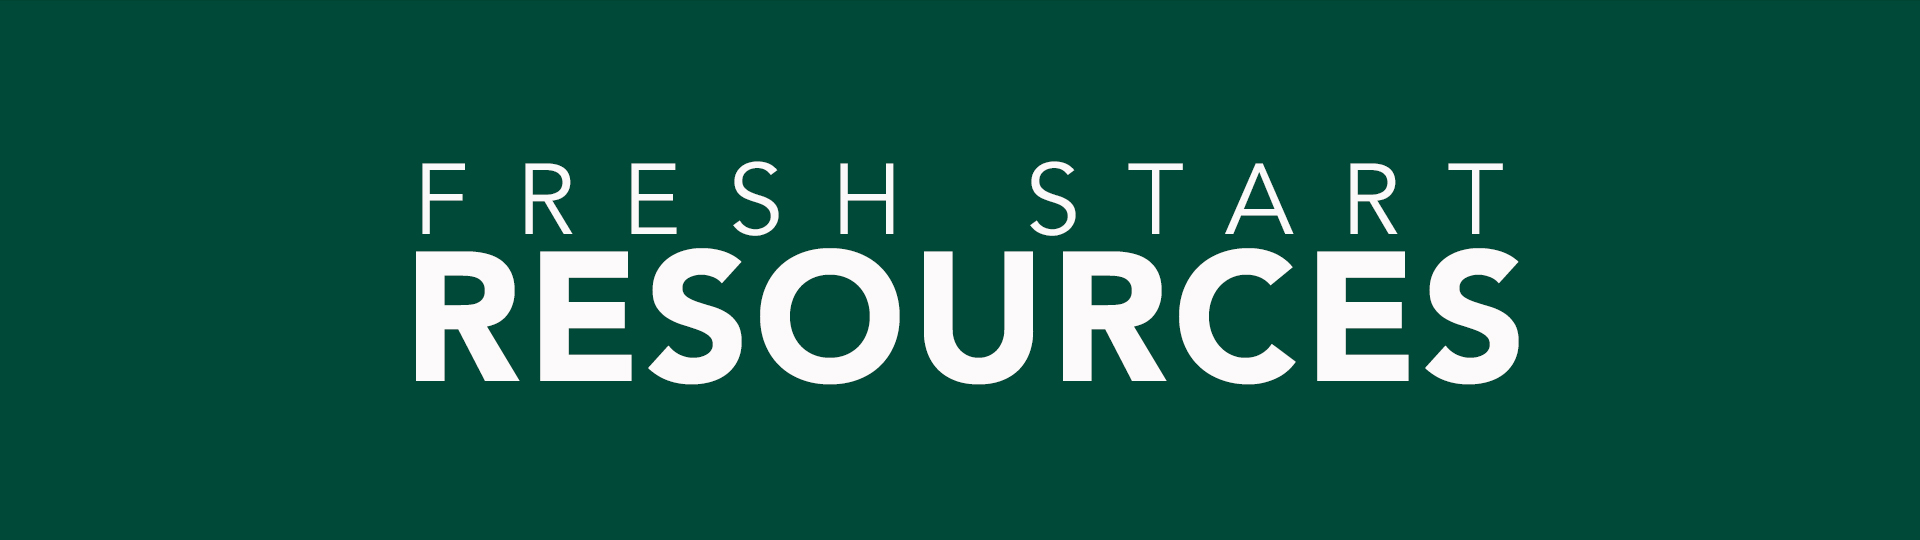 Fresh Start Resources.jpg